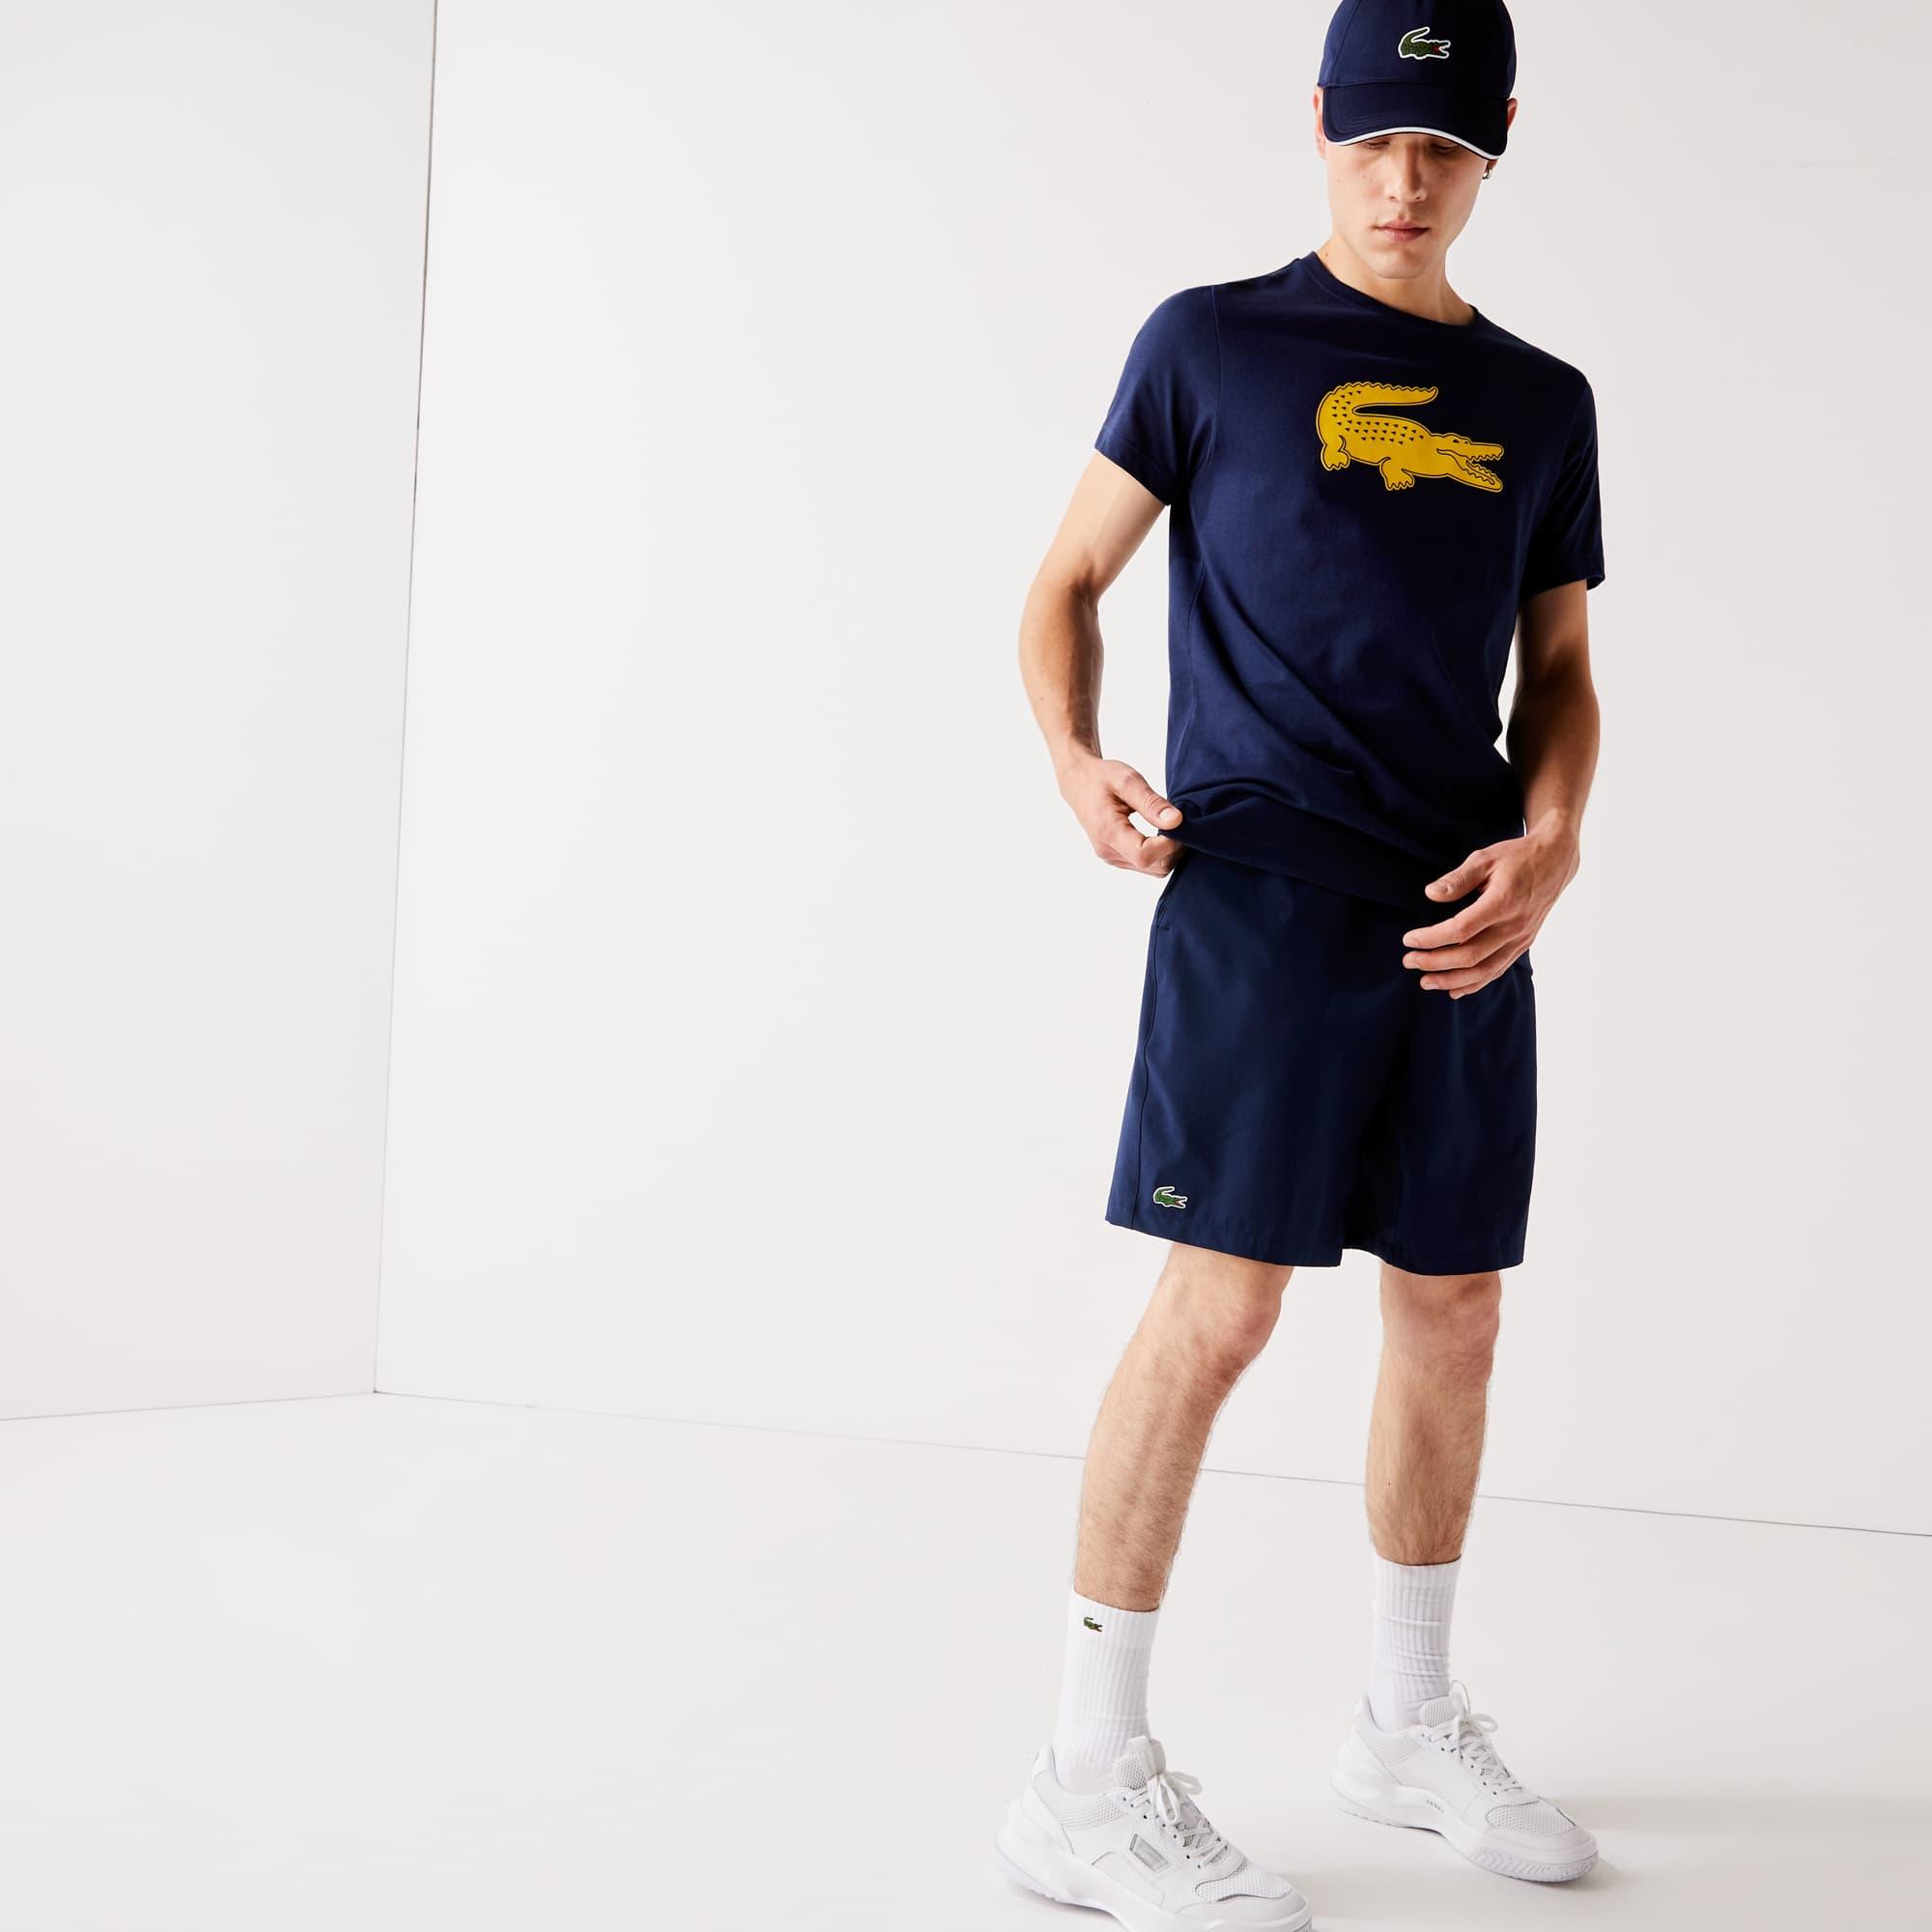 Calções Tennis Lacoste SPORT stretch unicolor